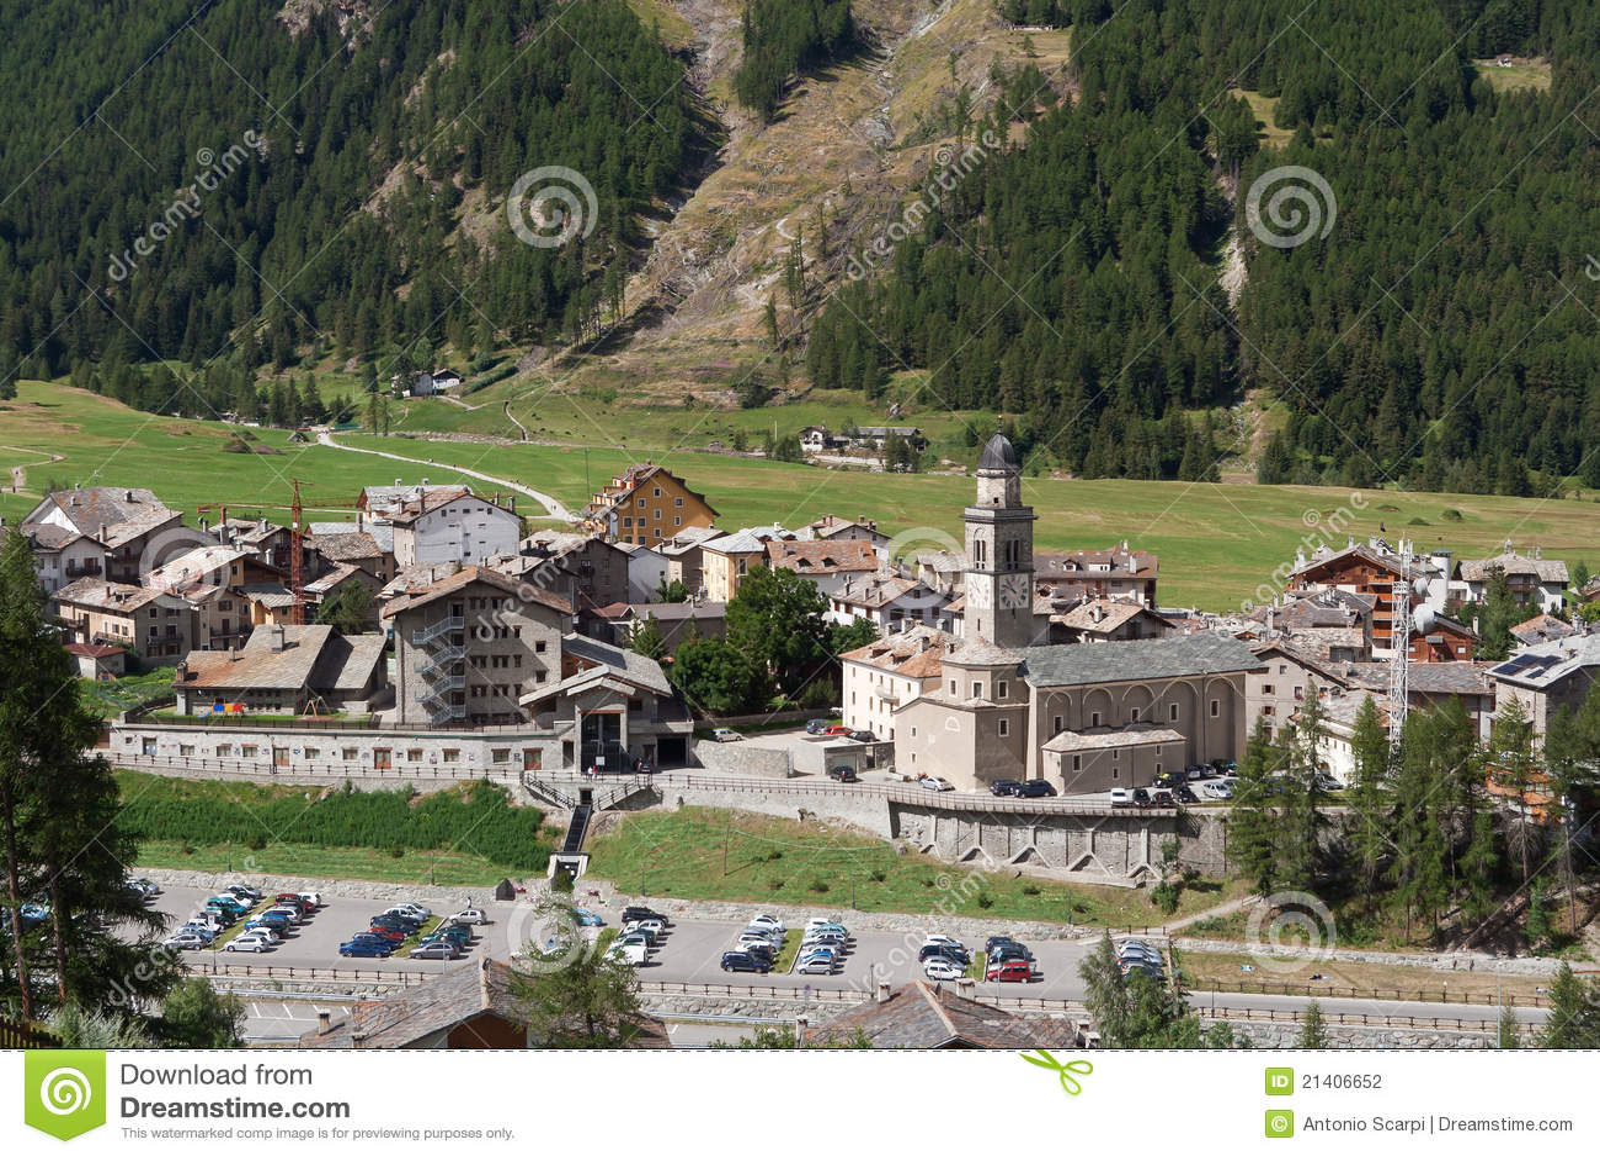 Cogne Valle Di Aosta Italia Fotografia Stock  Immagine di roccie scenico 21406652